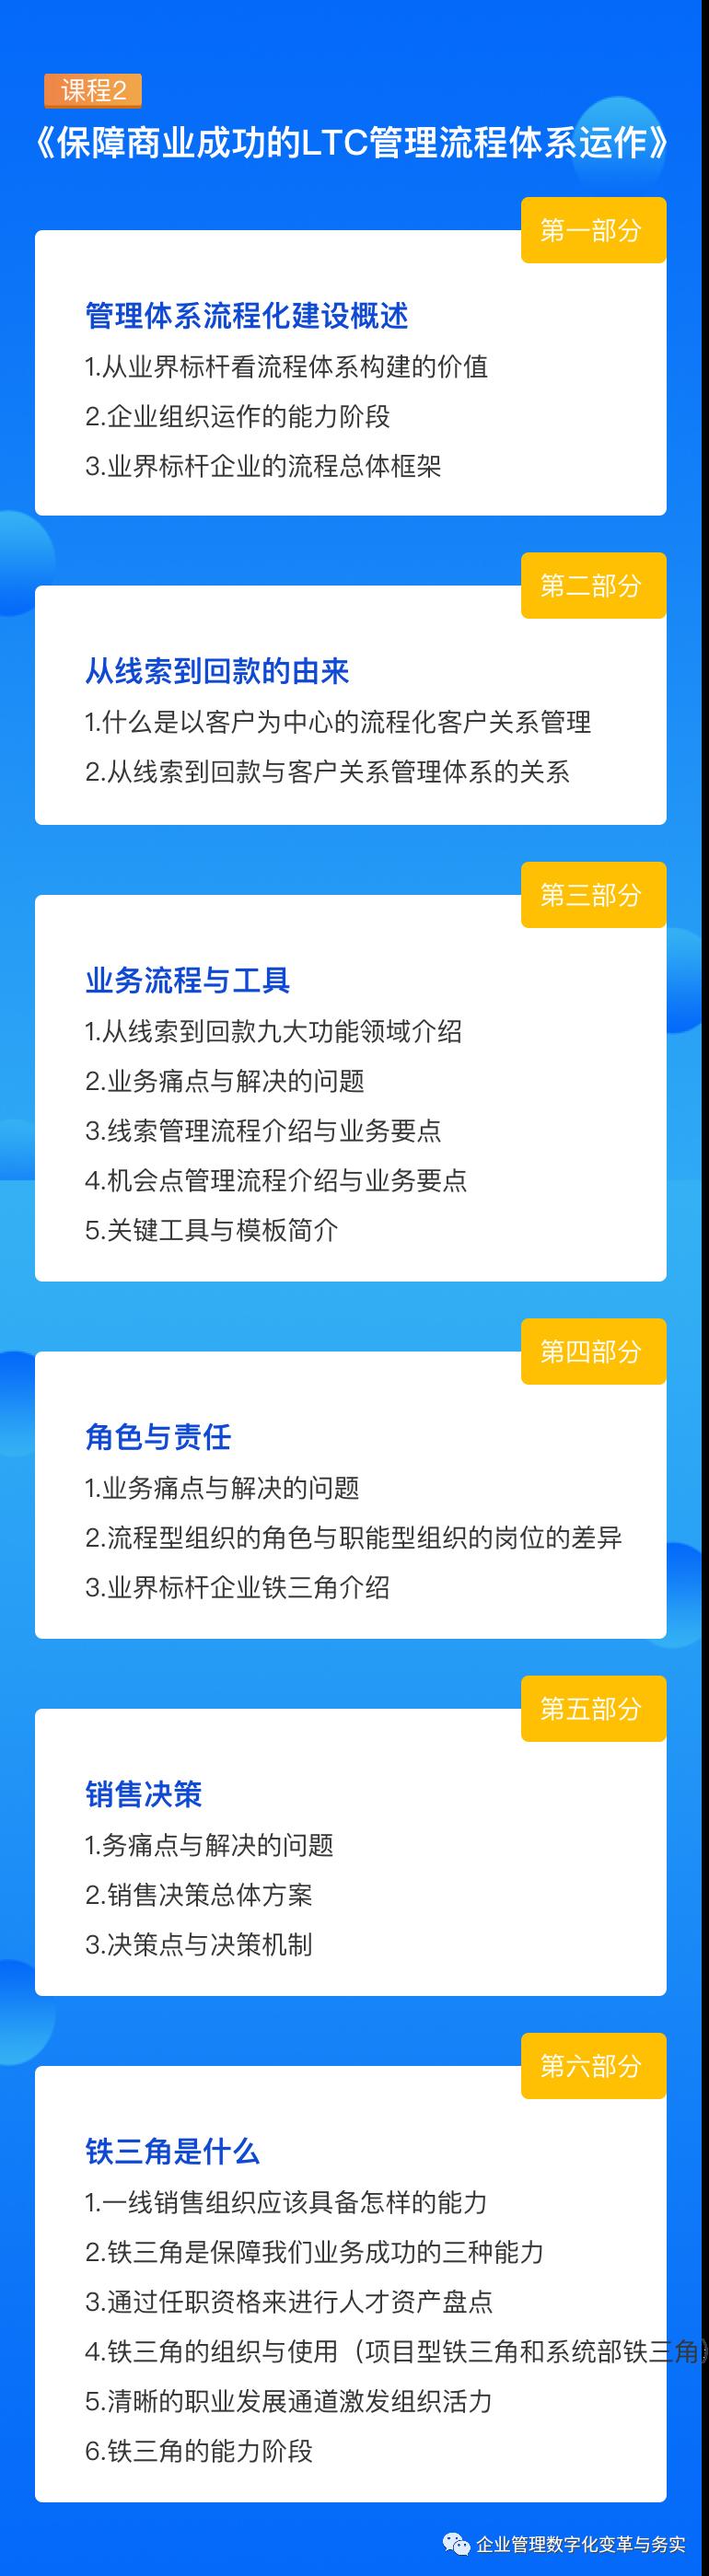 学习华为IPD/LTC/ITR三大业务流体系插图(14)